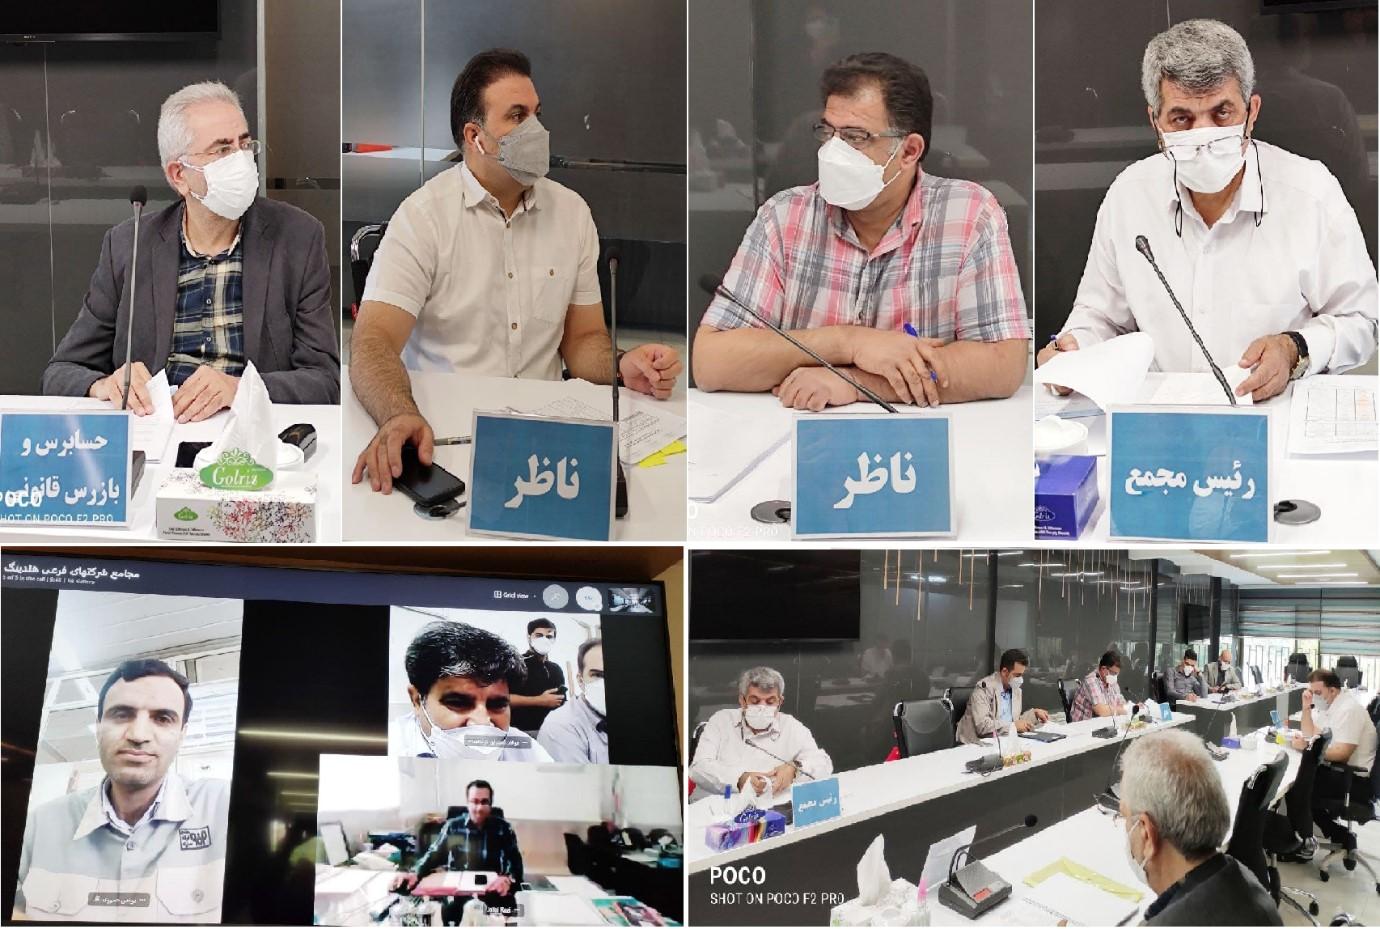 مجمع عمومی عادی شرکت فولادگستران کرمانشاه منتهی به 30 اسفند 99